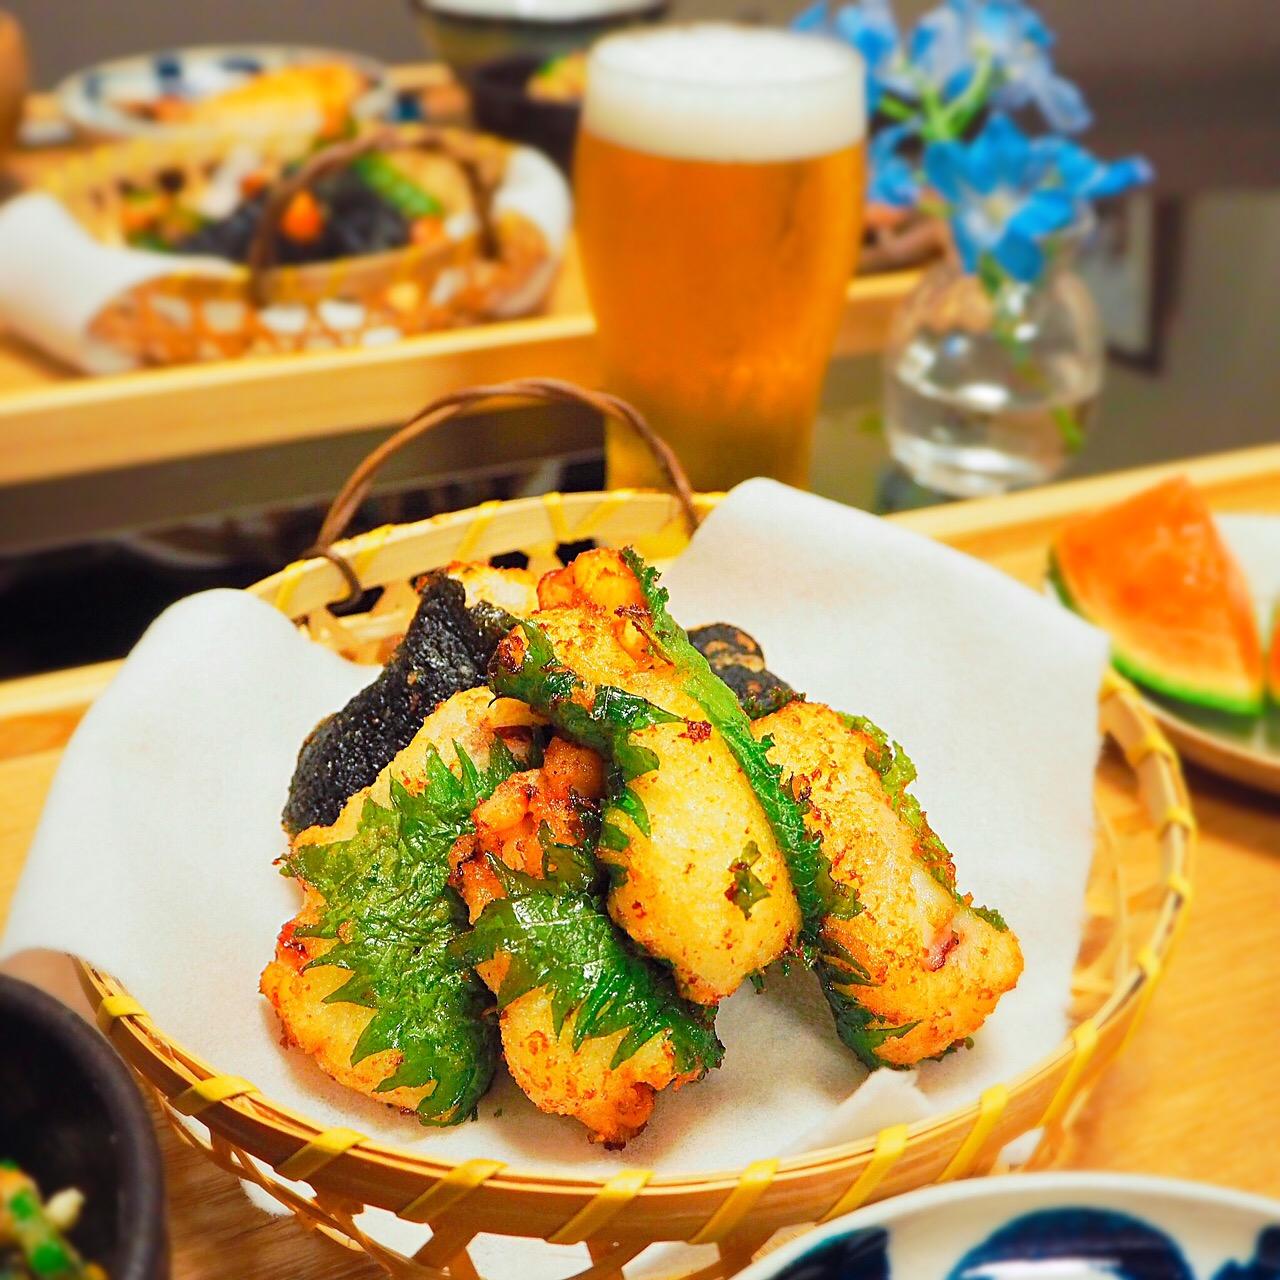 タコと大和芋の大葉はさみ揚げ、のりはさみ揚げ